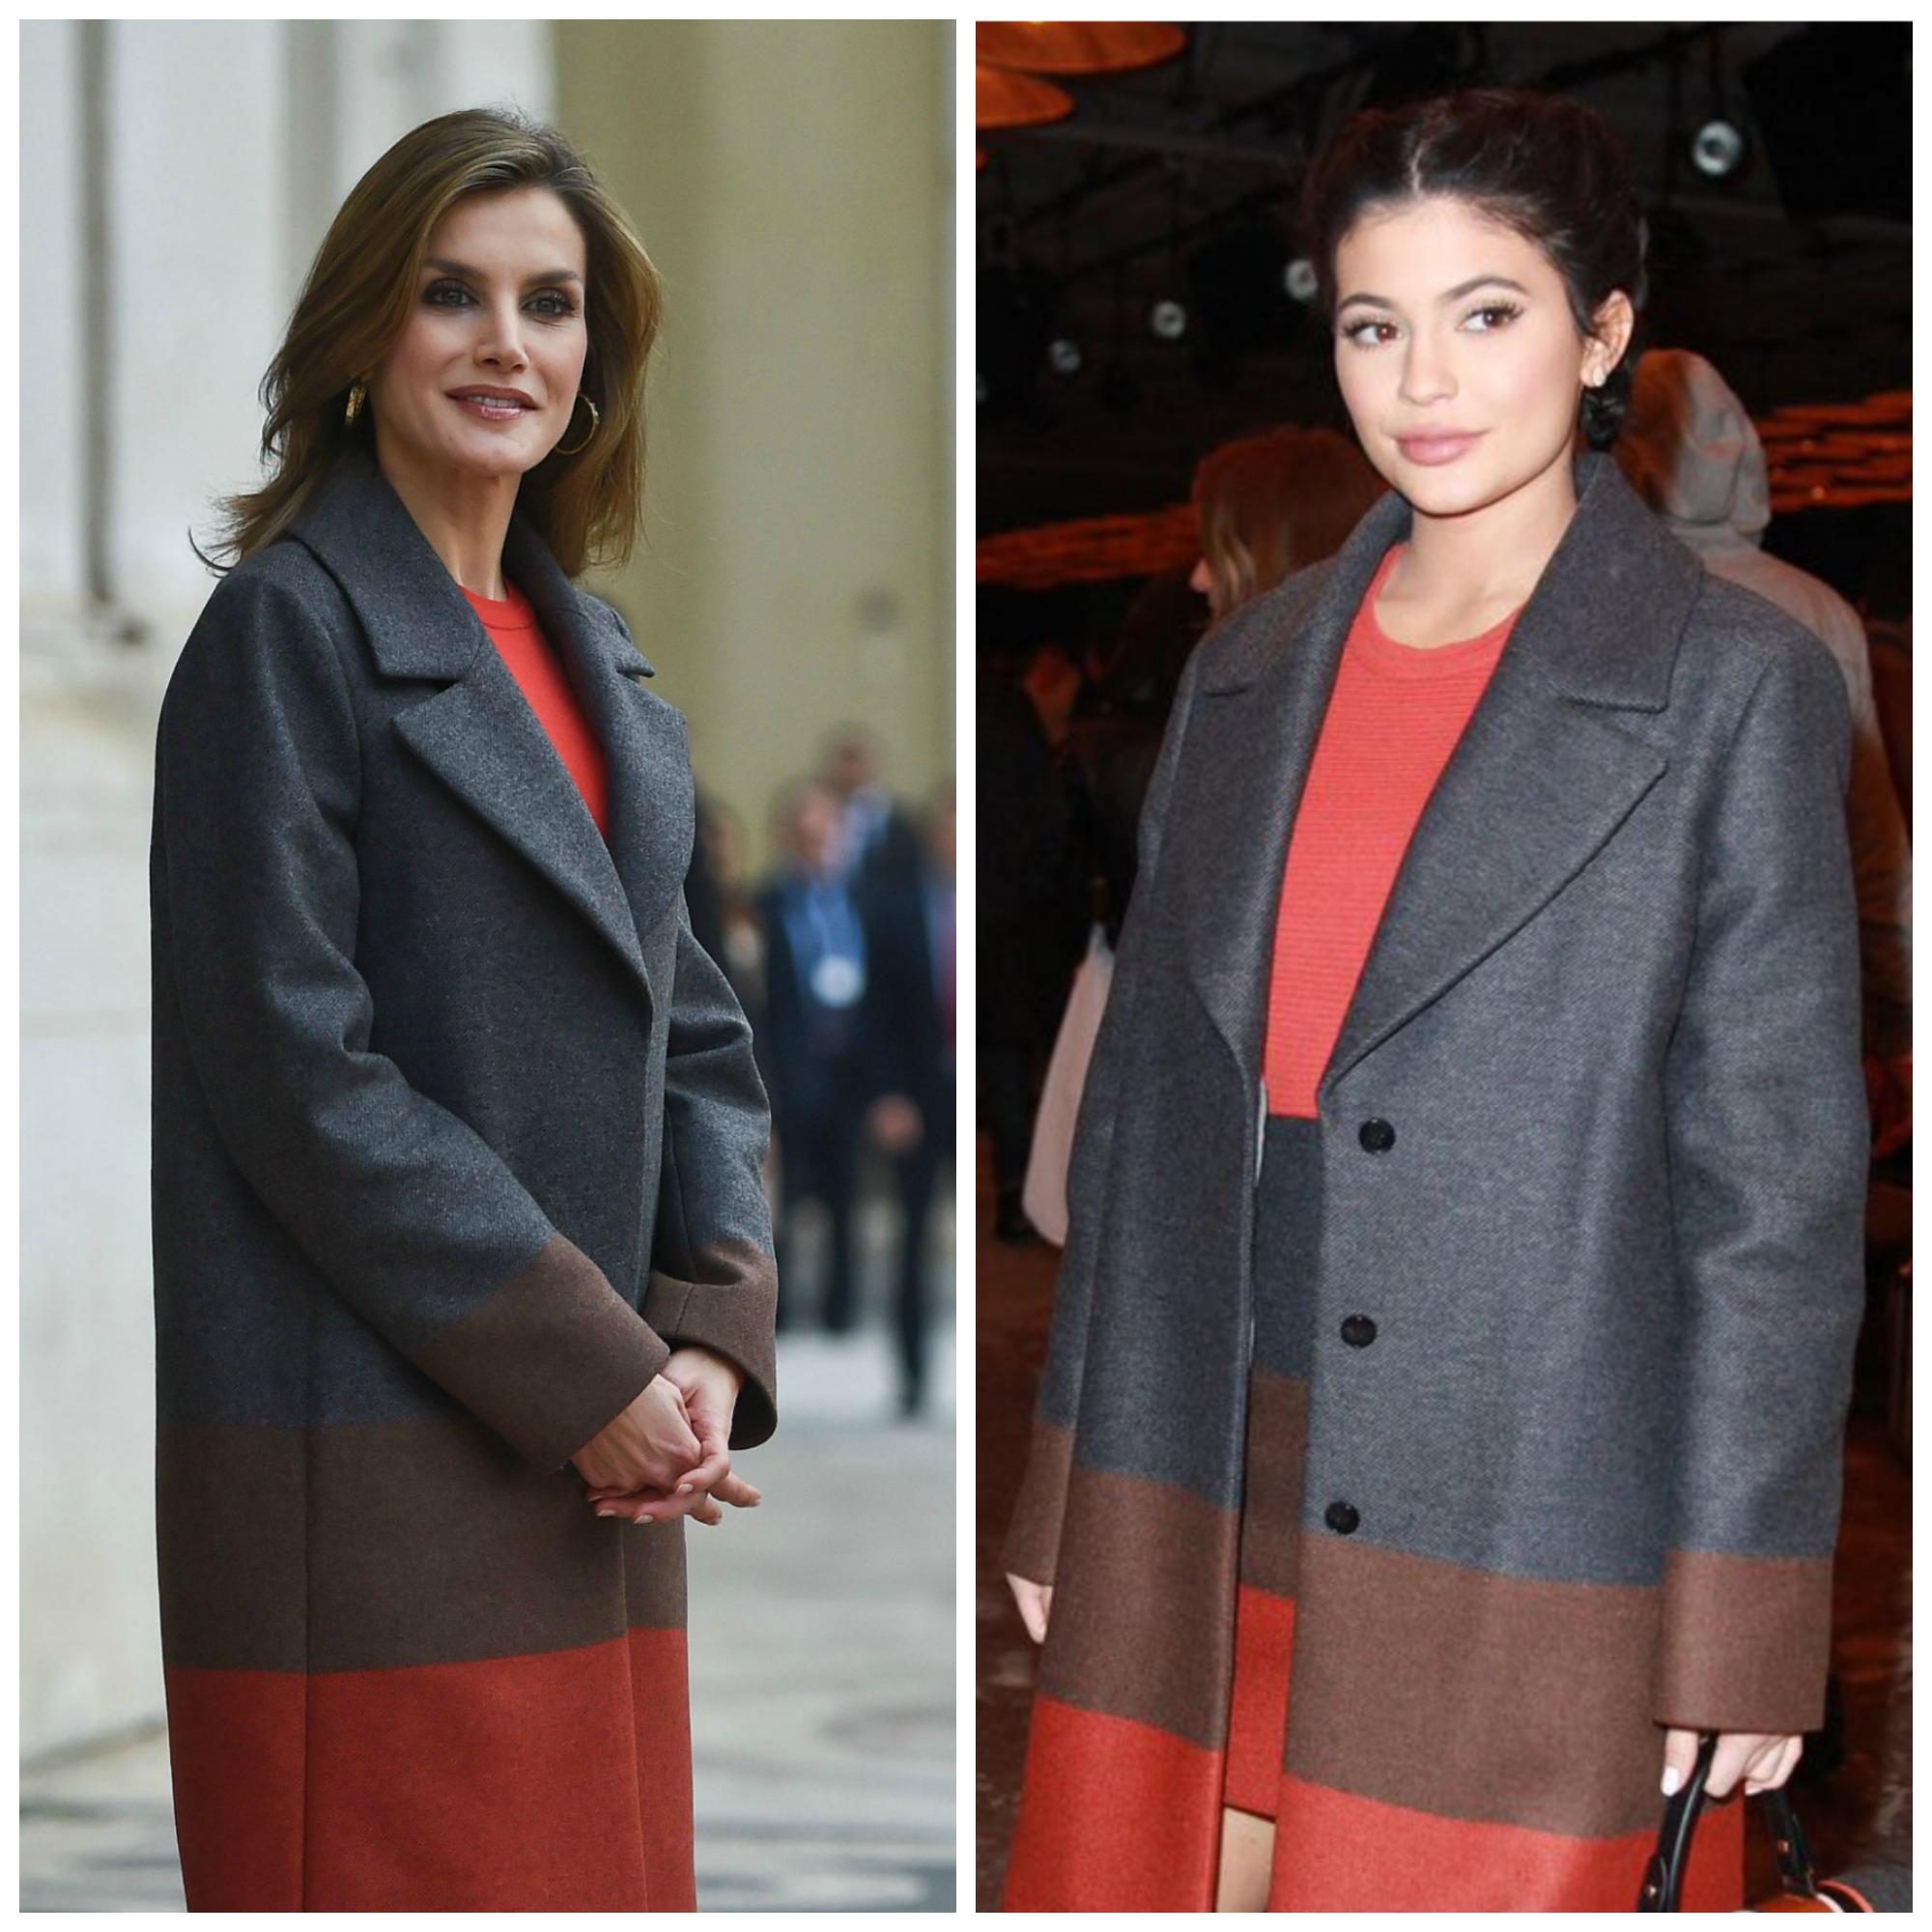 ¿Qué Tienen En Común La Reina Letizia Y Kylie Jenner? Este Vestido En Su Guardarropa